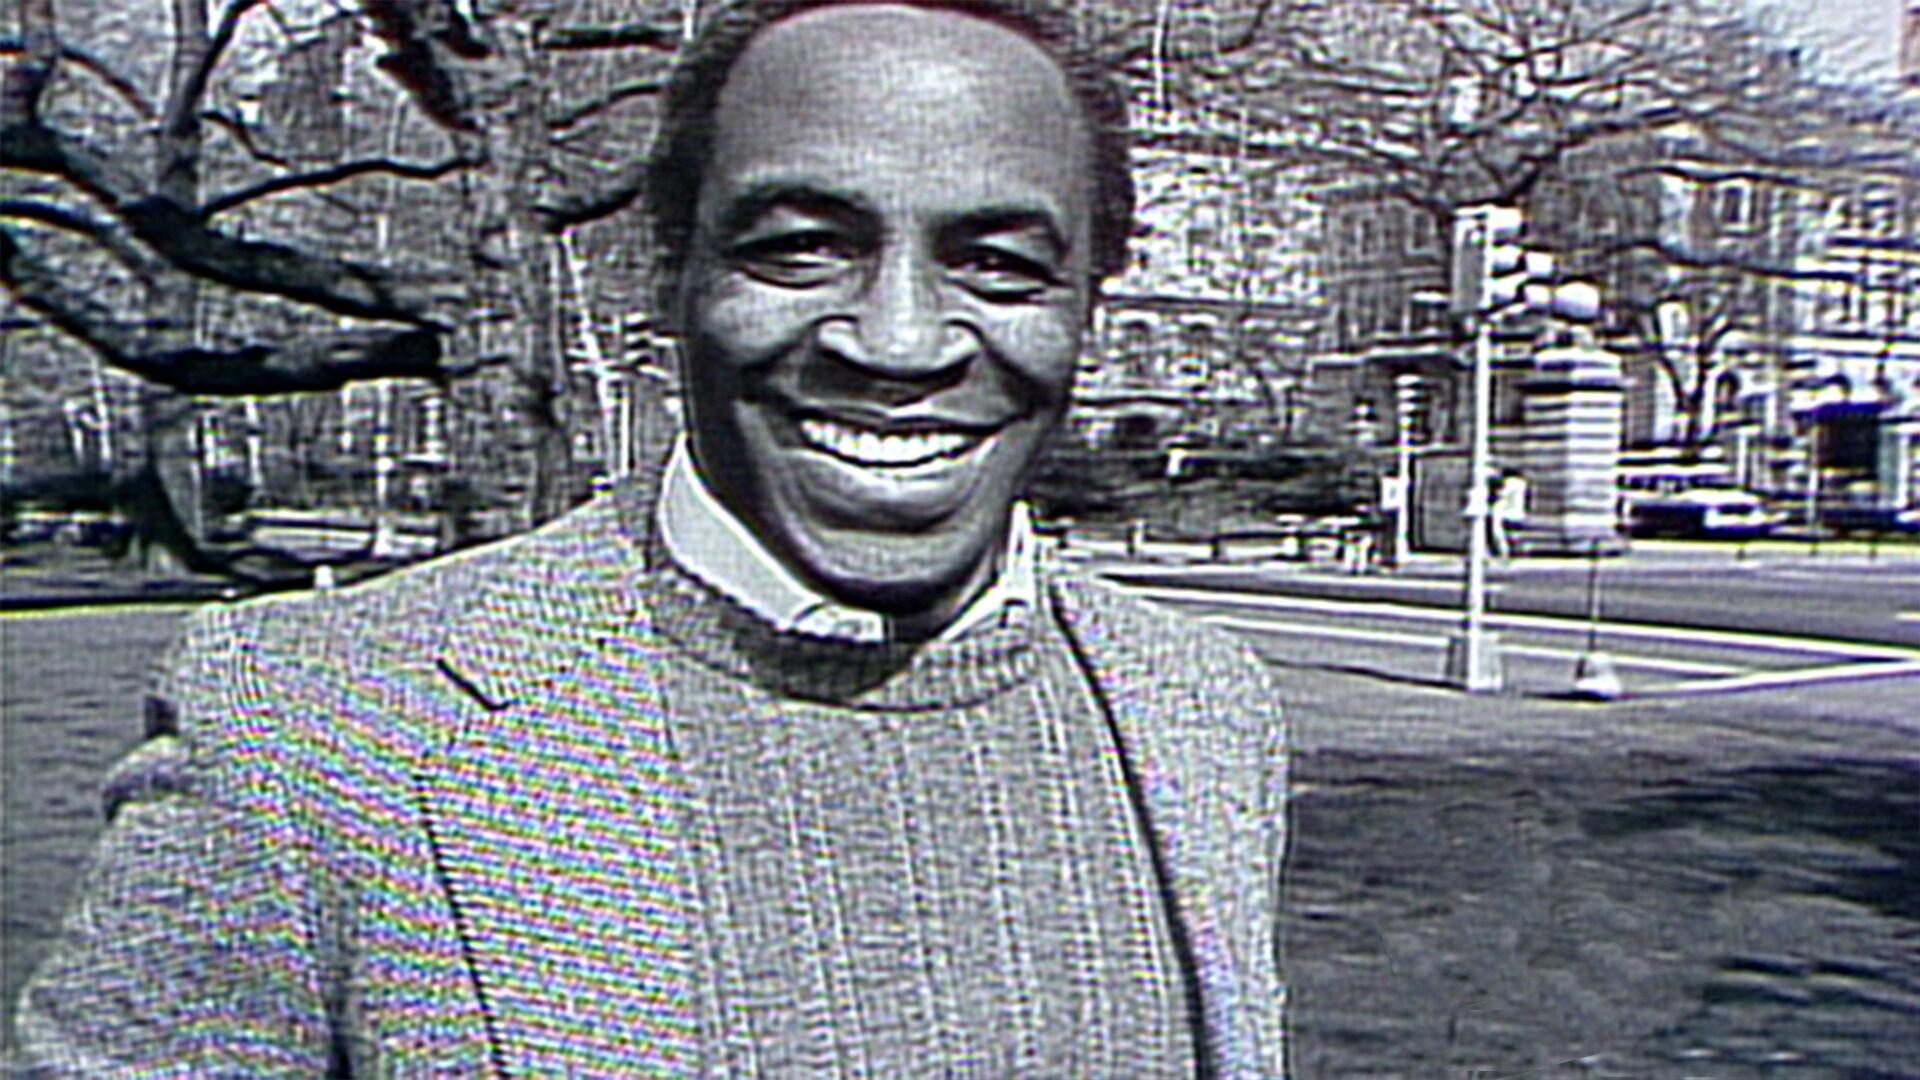 Robert Guillaume: March 19, 1983